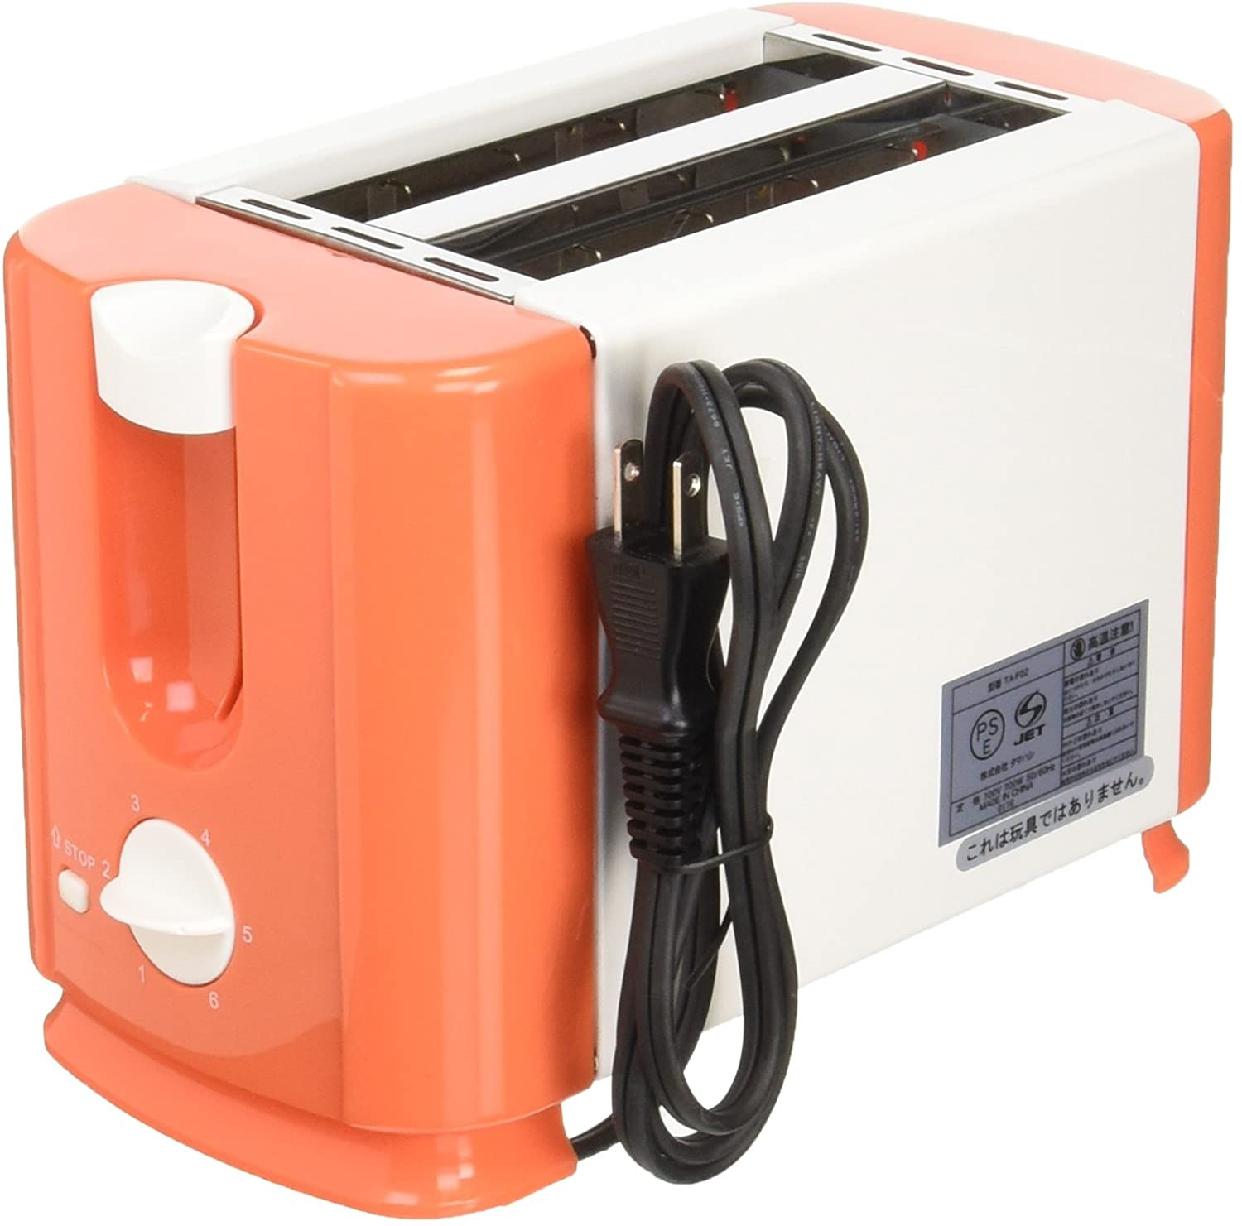 タマハシ ミッフィー ポップアップトースター オレンジ DB-203の商品画像2